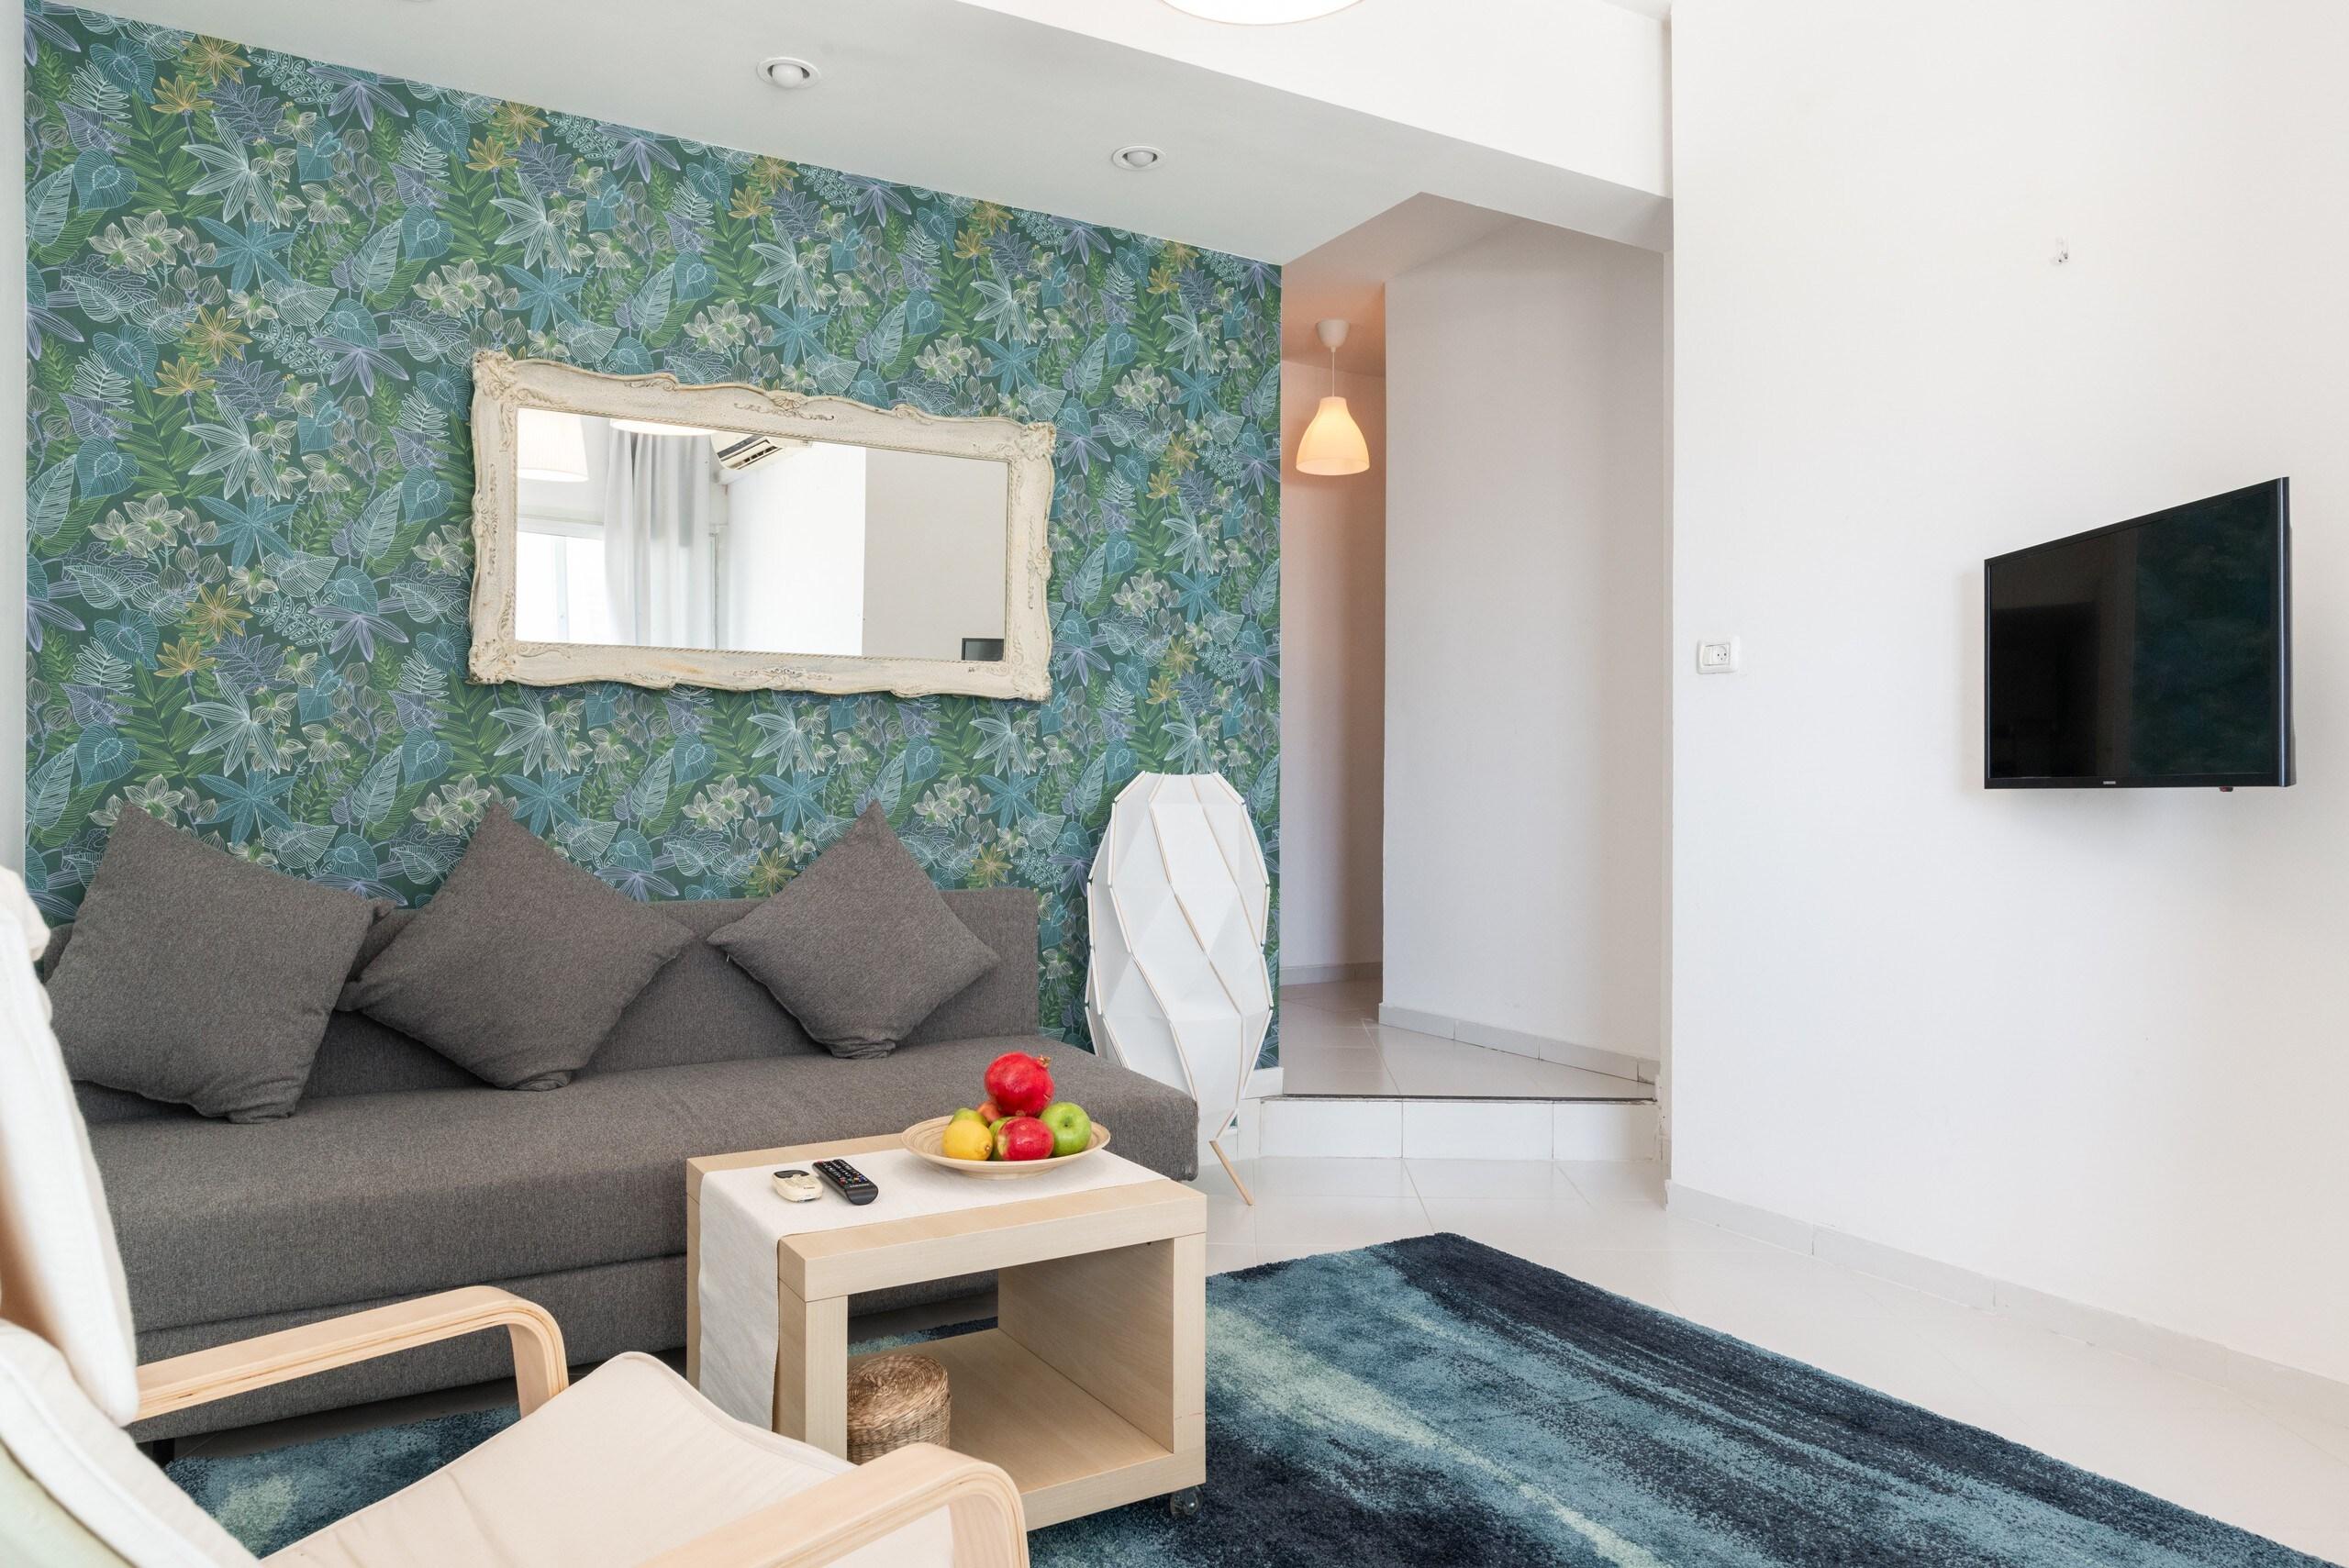 Apartment Sea View 2 bedroom apartment next to Hilton beach photo 23620161